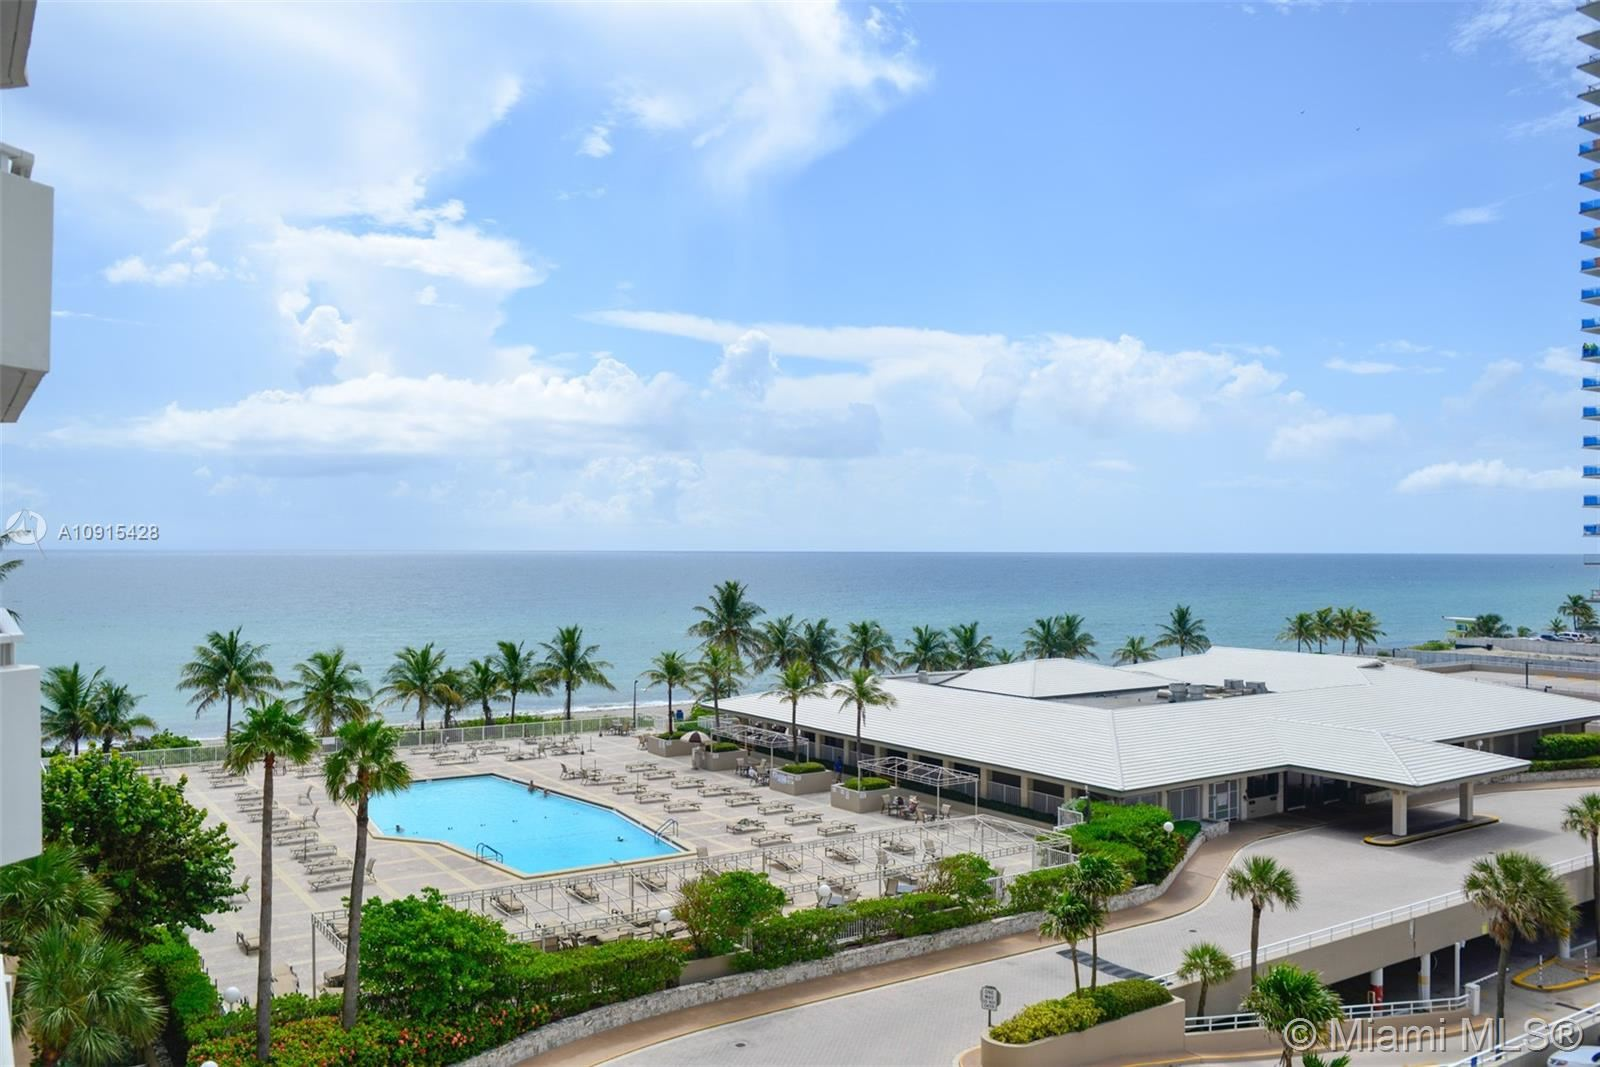 1950 S Ocean Dr #5C, Hallandale Beach, FL 33009 - #: A10915428